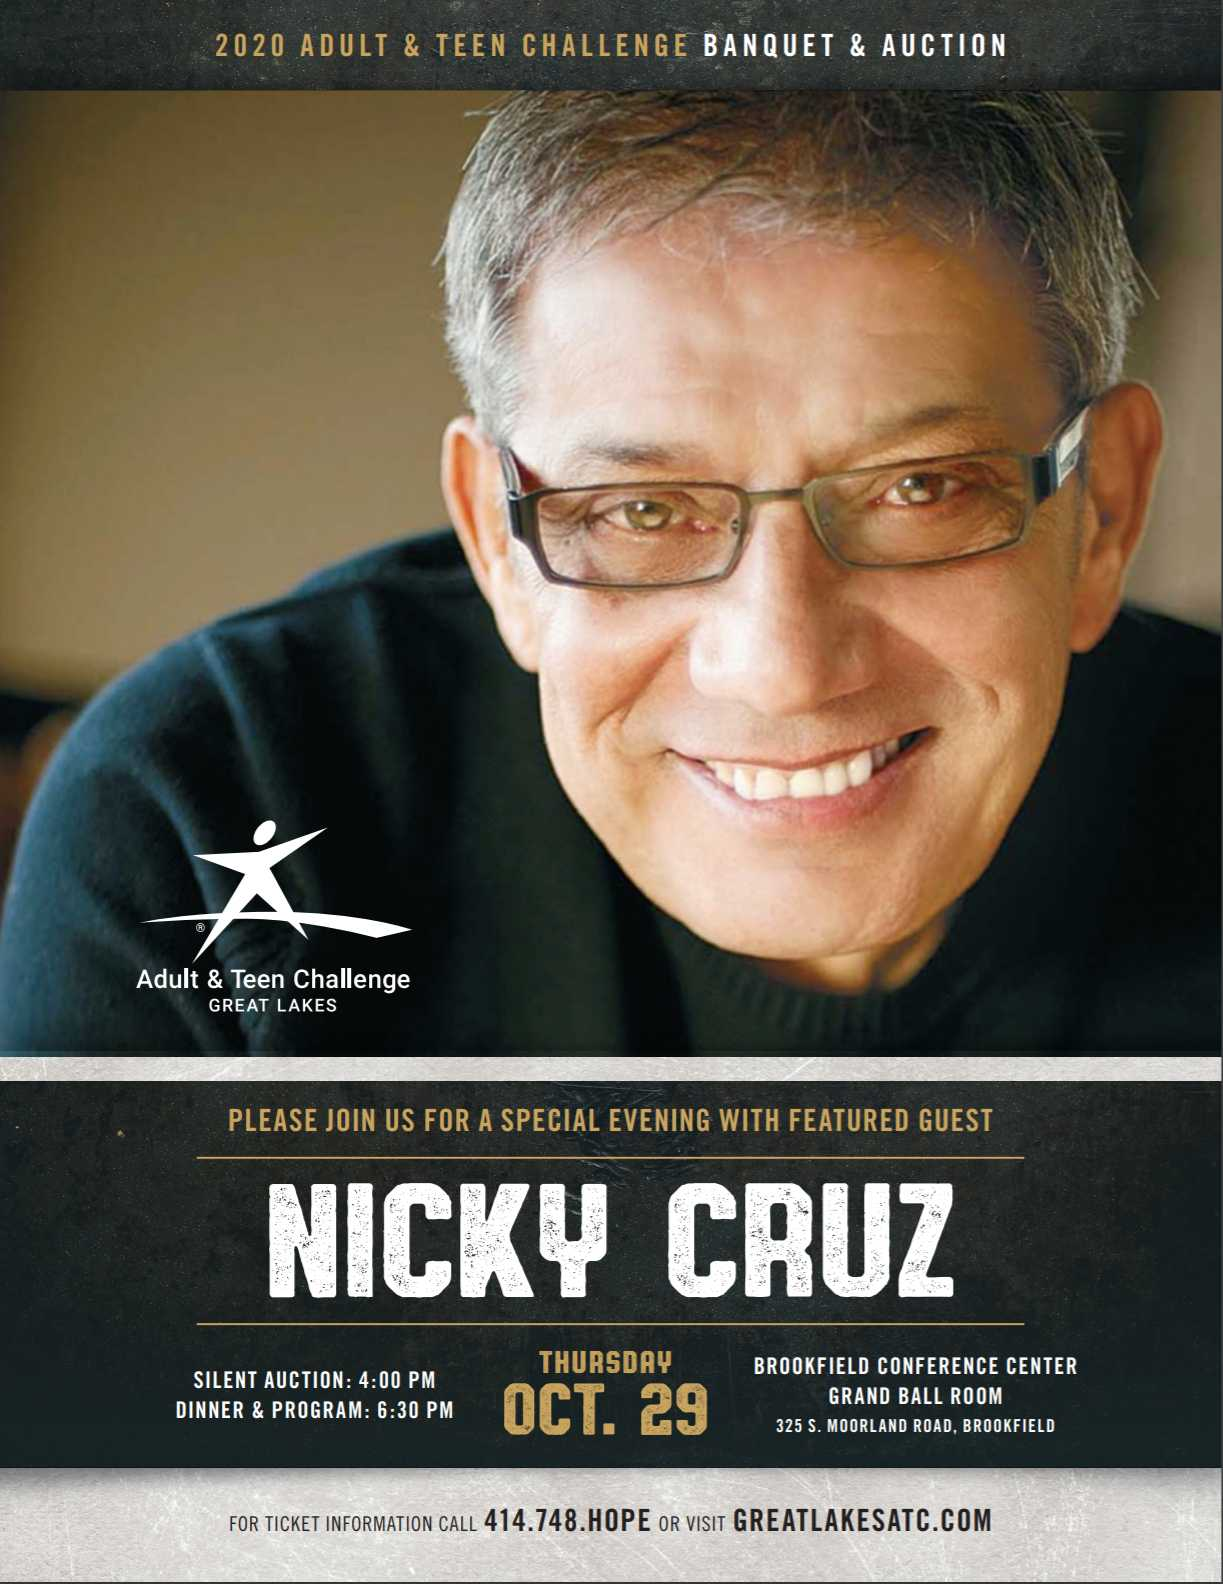 Nicky Cruz